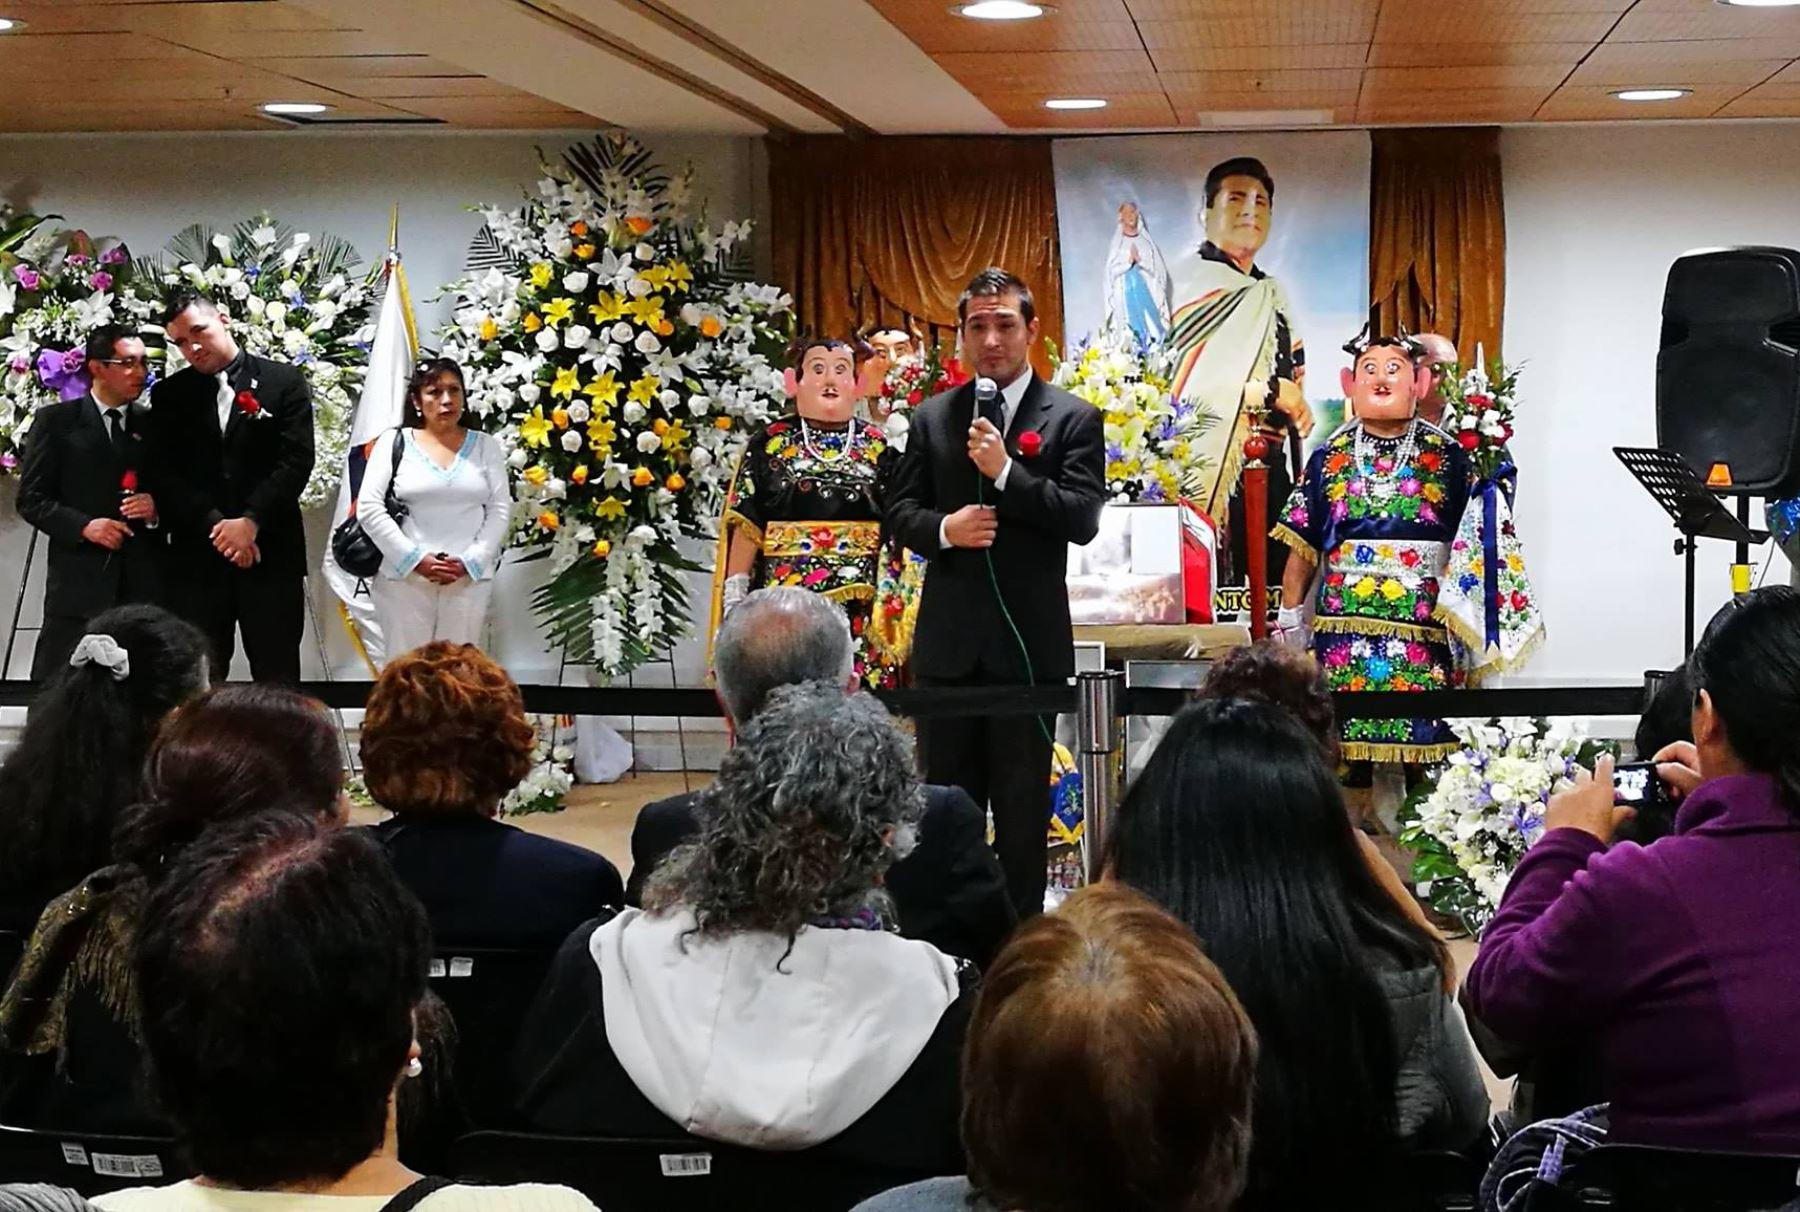 La familia continúa agradeciendo el cariño del pueblo ante la partida del artista, ícono de la música popular peruana.